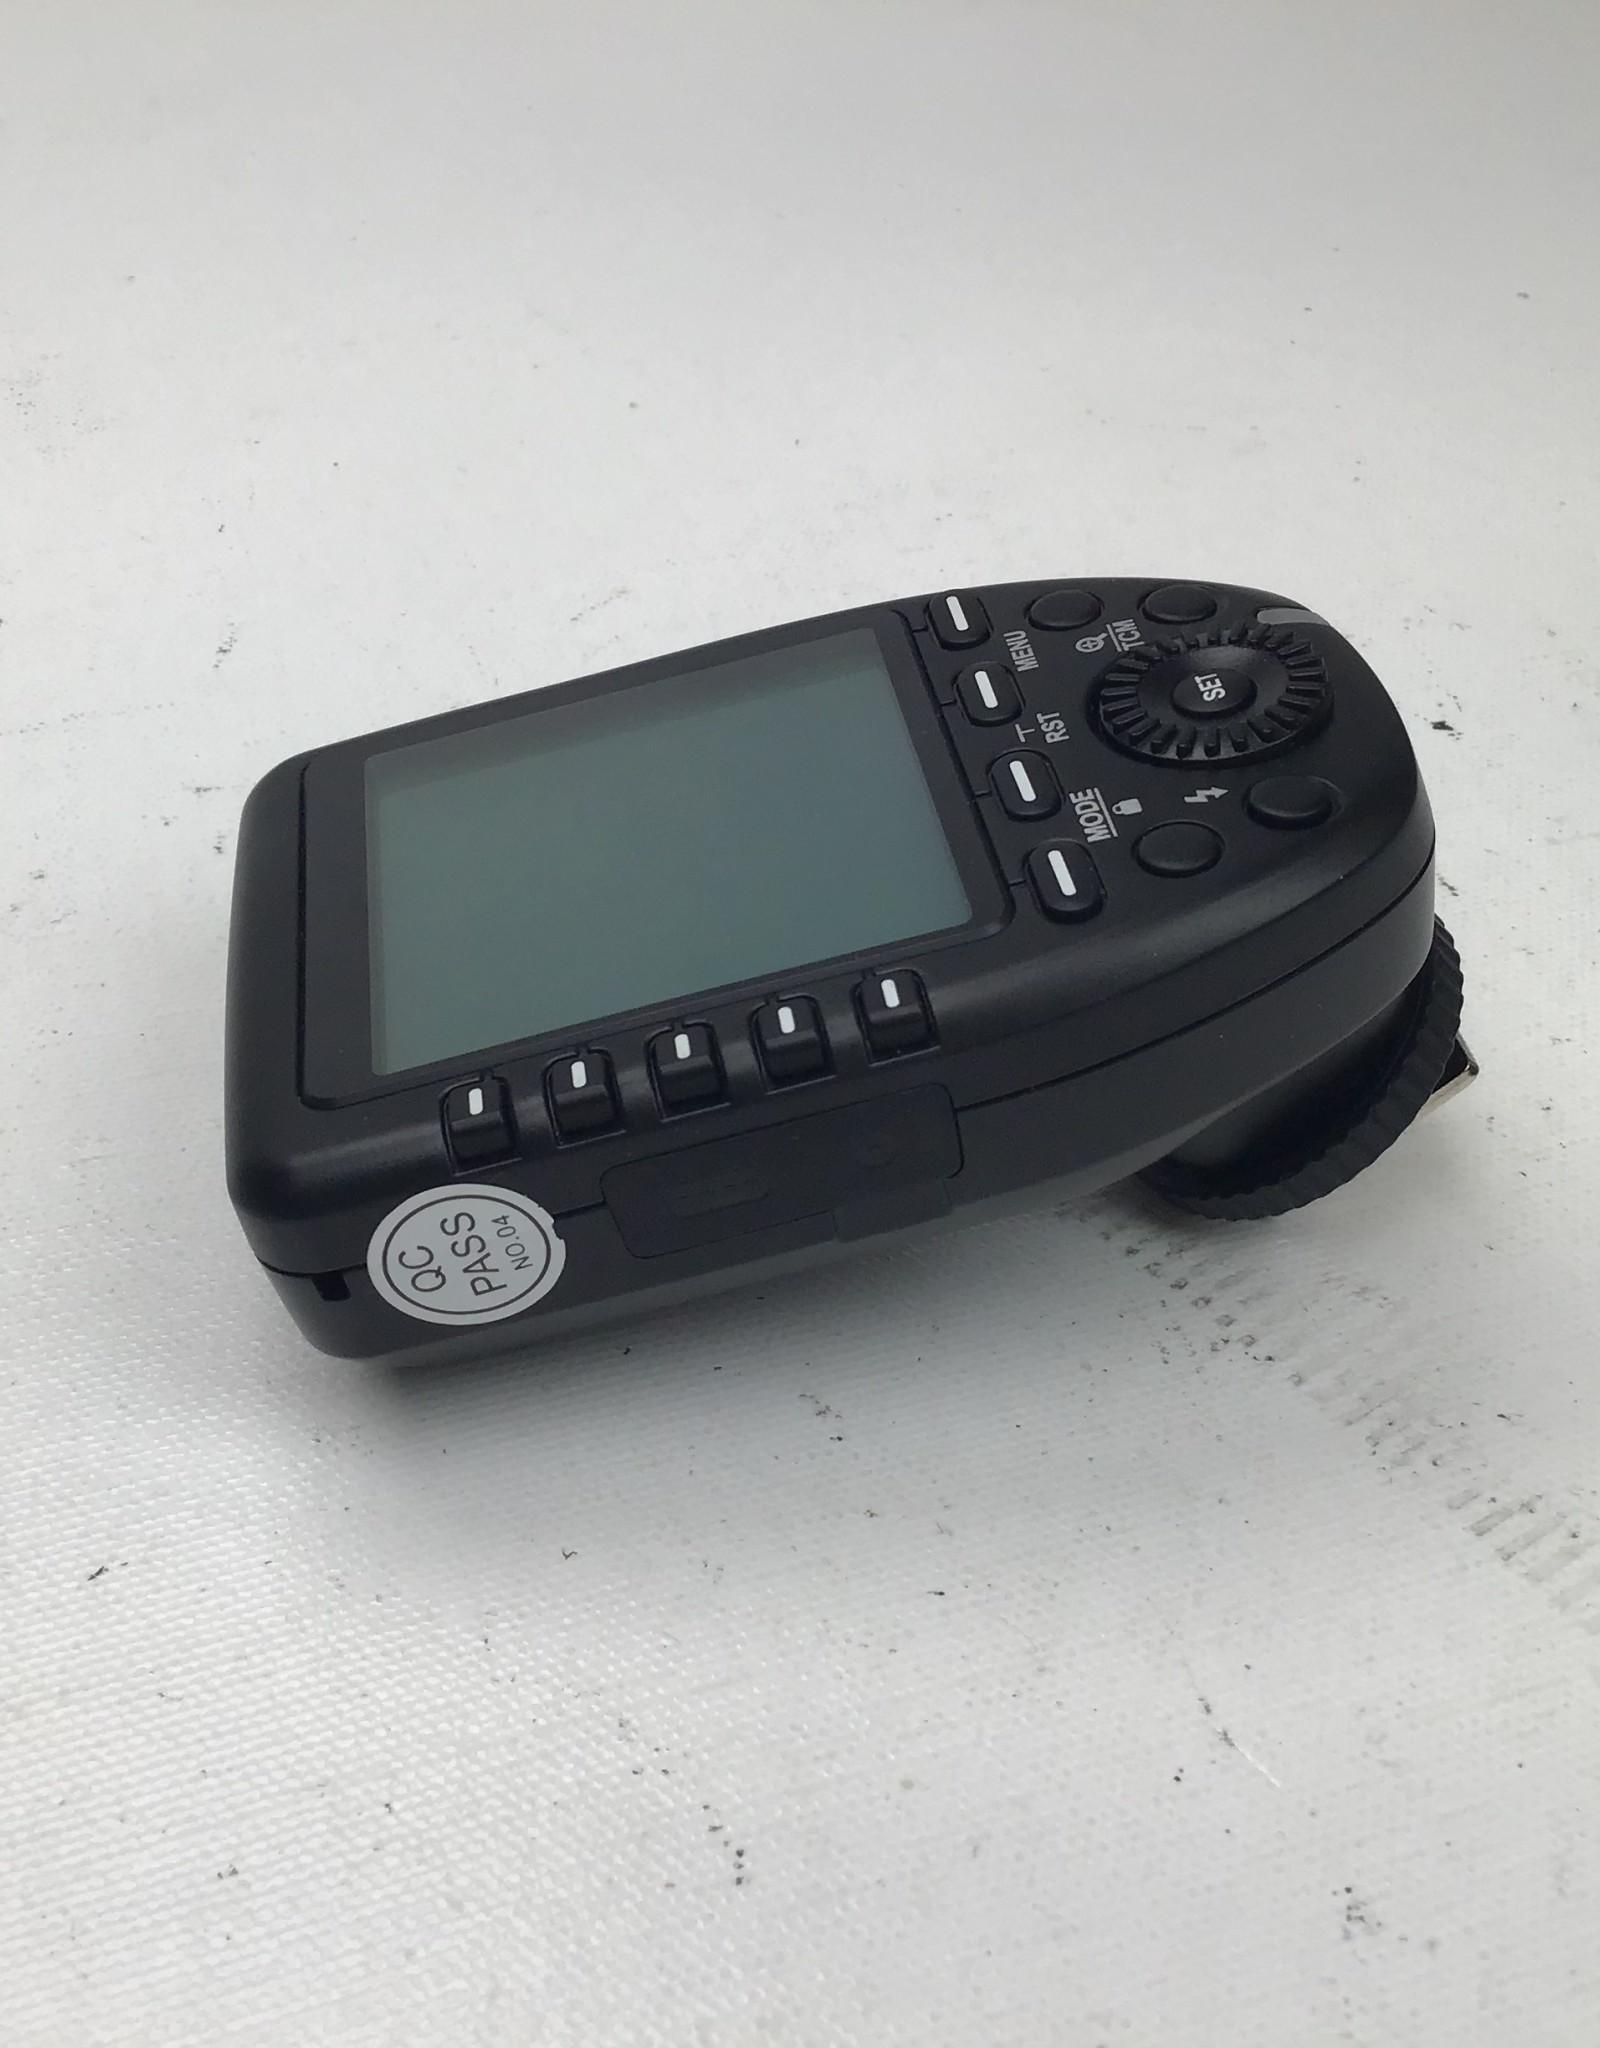 GODOX Godox X Pro F Transmitter for Fuji Used EX